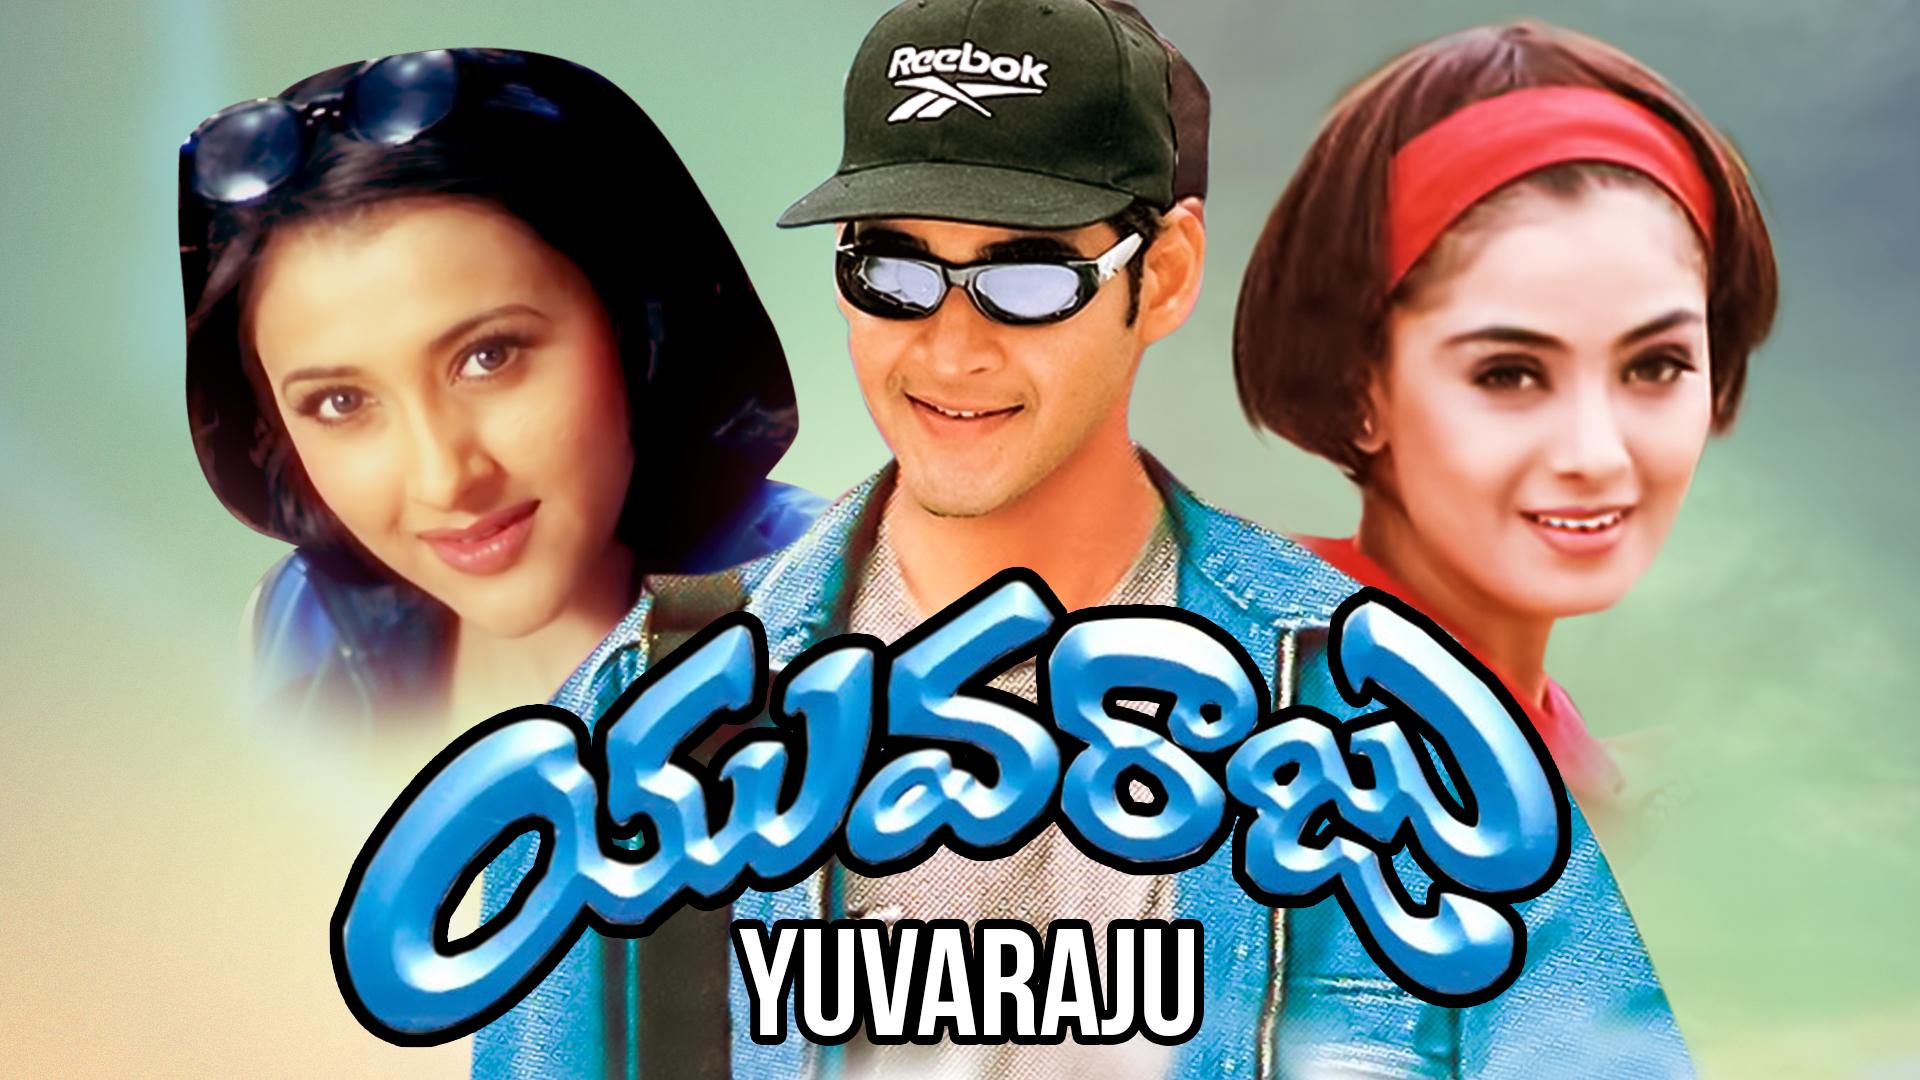 Yuvaraju